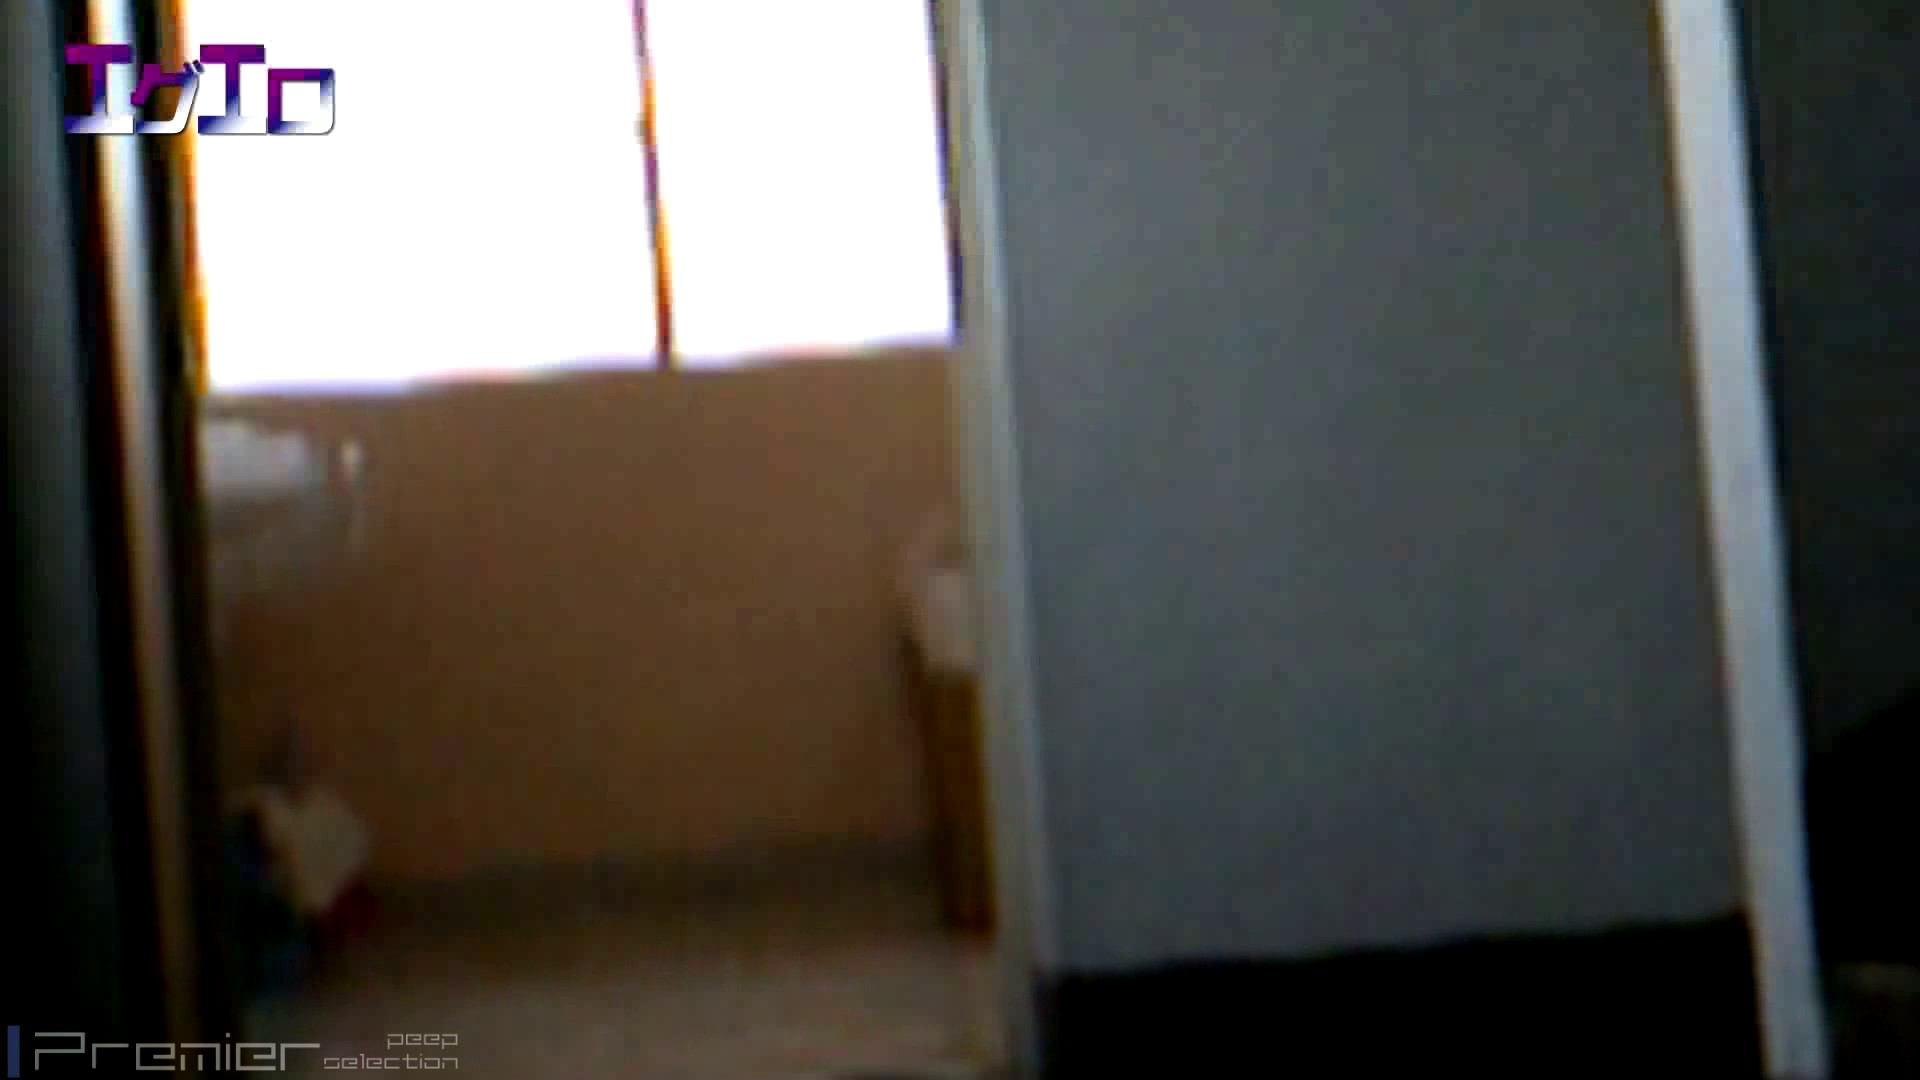 至近距離洗面所 Vol.08 洗面所 | OL女体  40連発 5